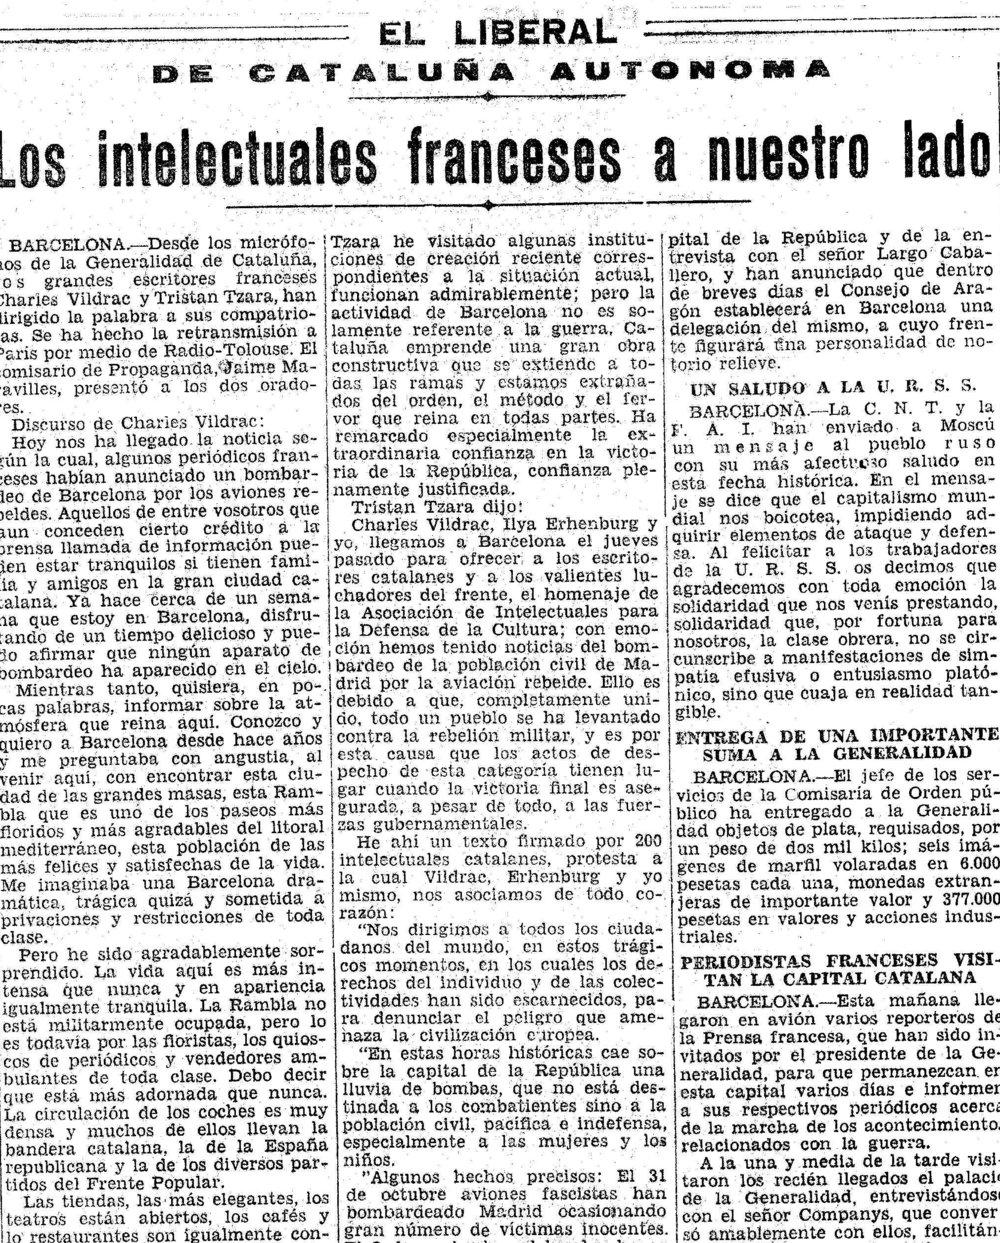 Tzara y otros intelectuales extranjeros con la causa antifascista ( El Liberal , 8 de noviembre de 1936)